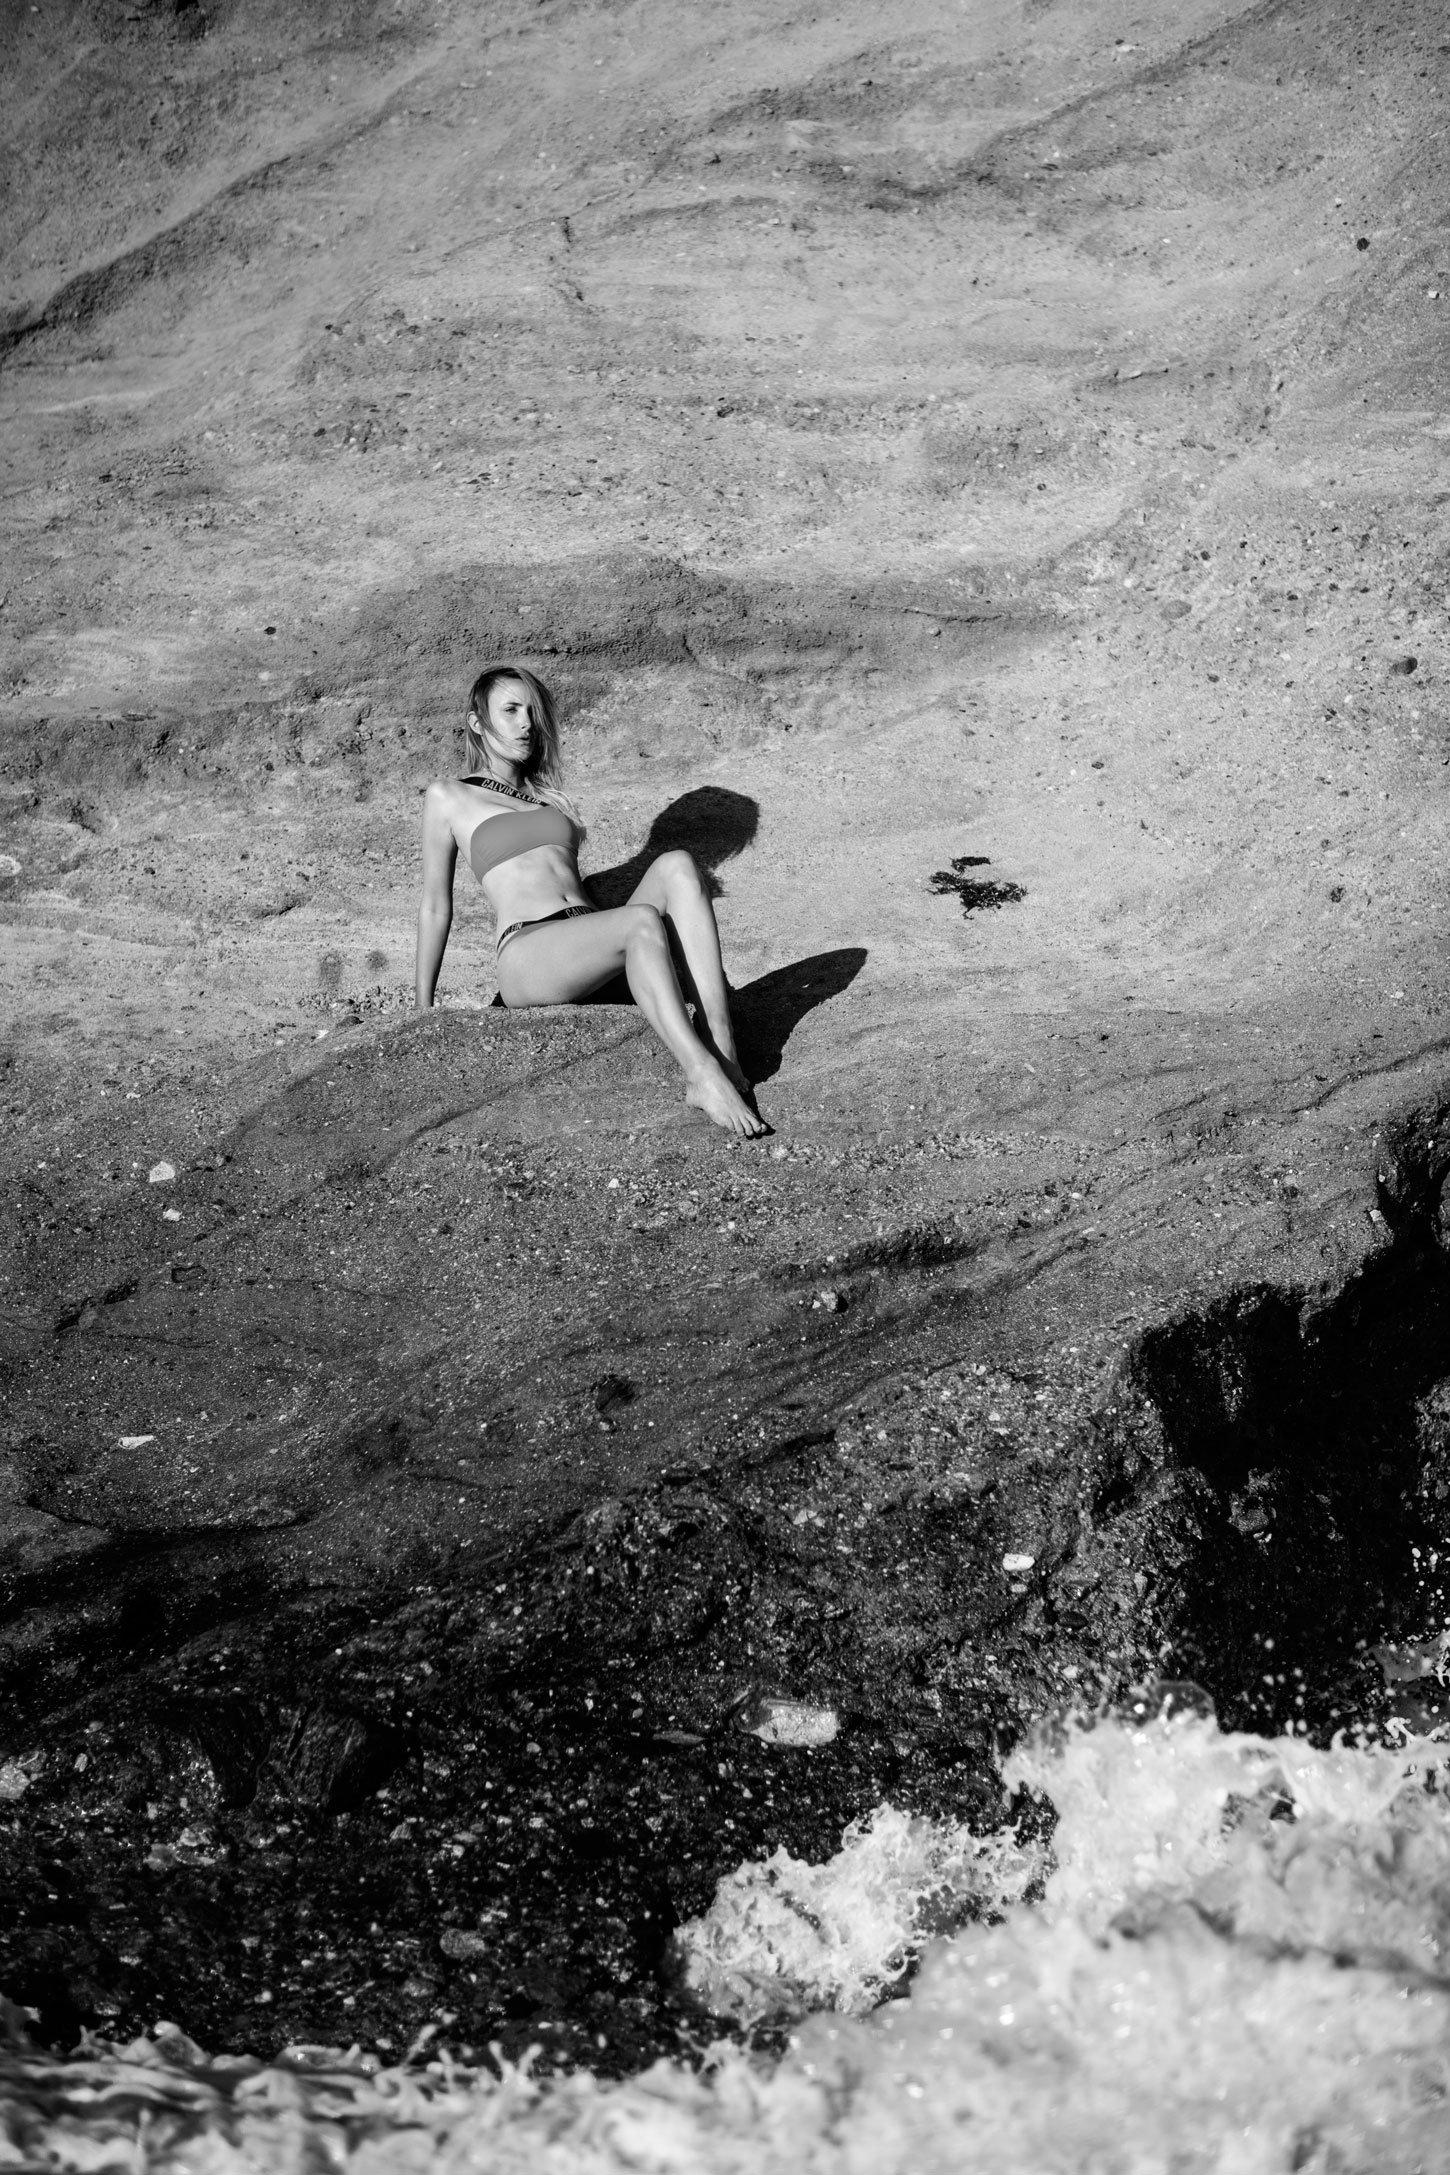 rebecca laurey calvin klein bikini